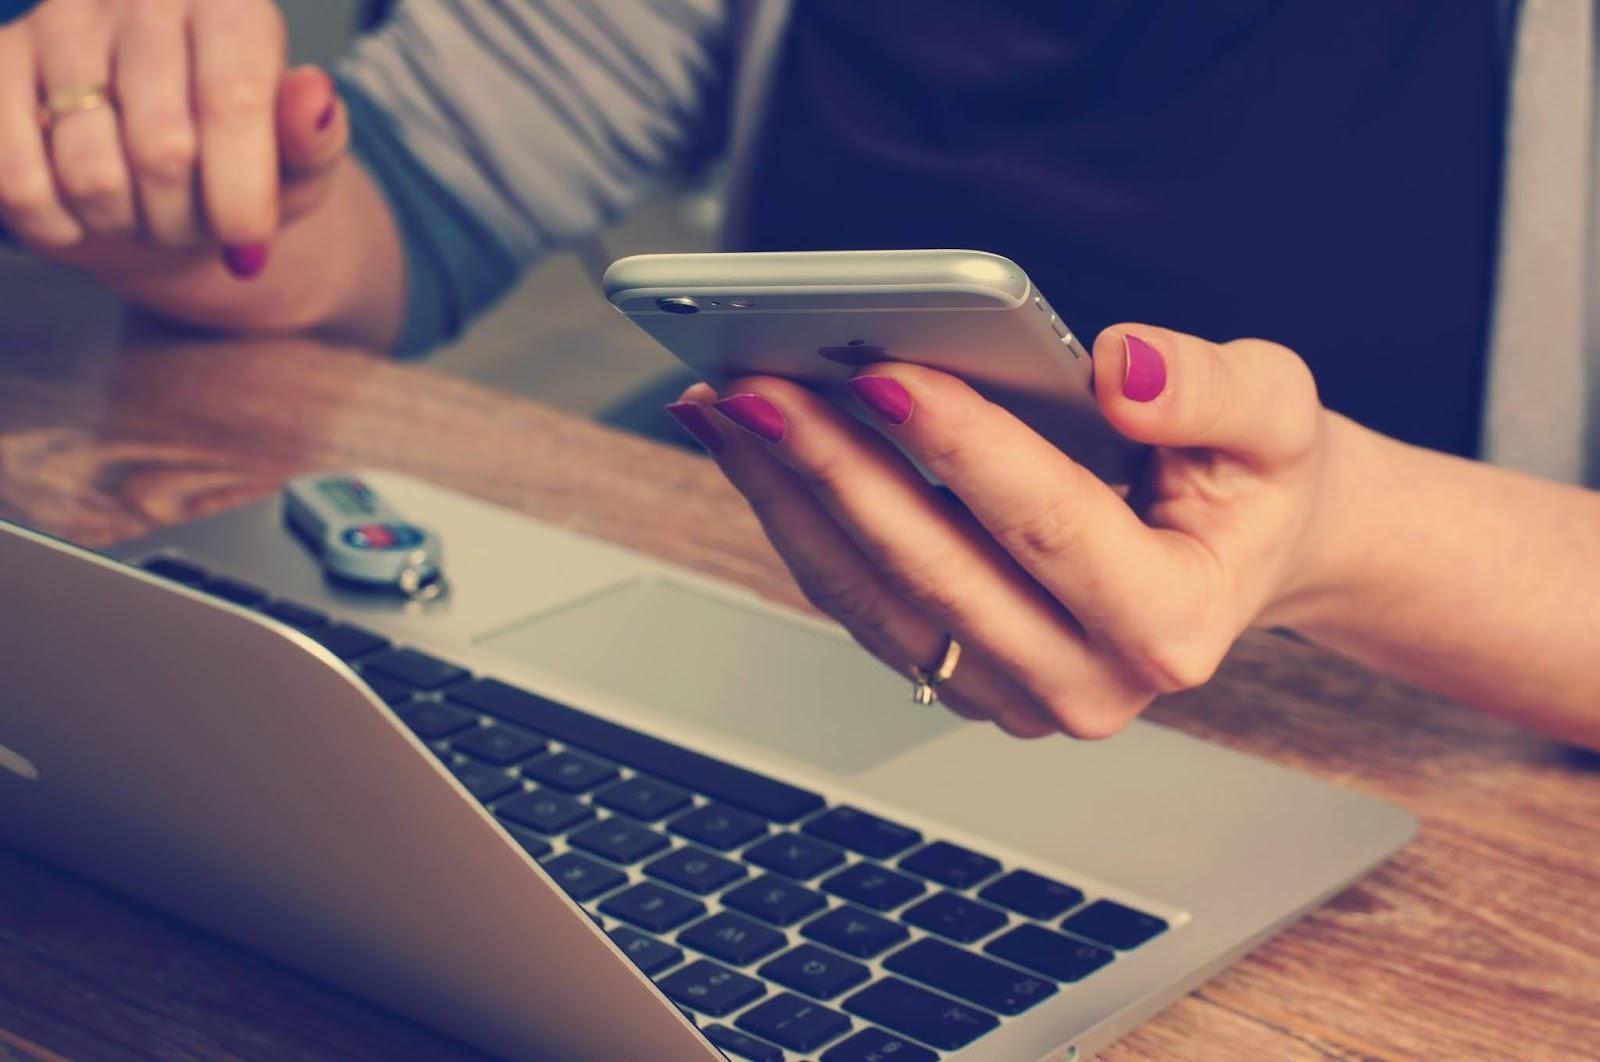 """Νέες μορφές ηλεκτρονικής απάτης: SIM Swapping, """"βλάβη"""" στον υπολογιστή, money mules - Τι να προσέχετε"""